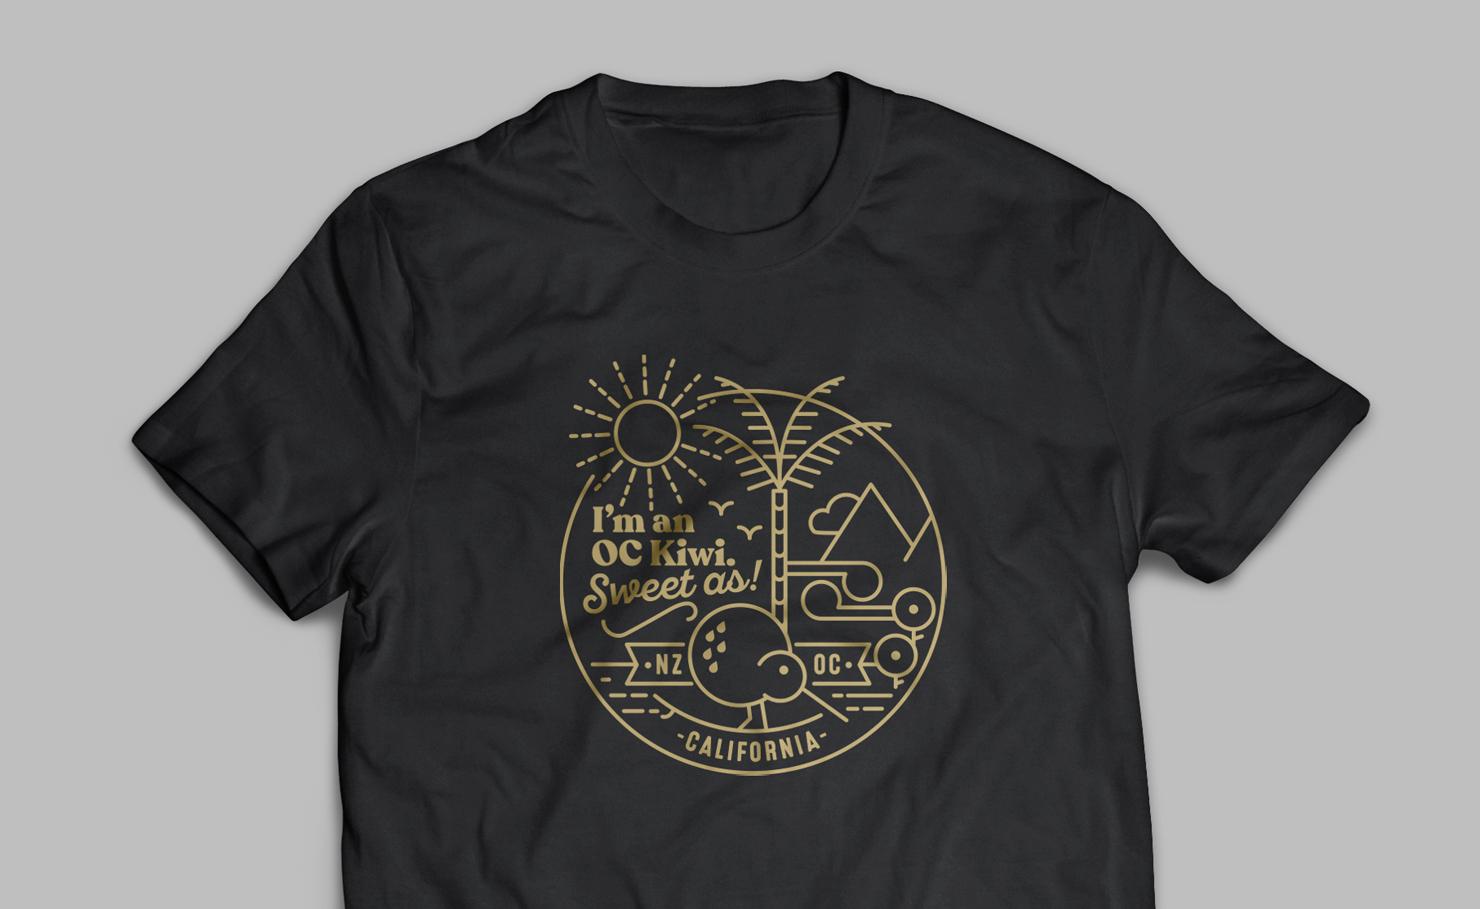 oc-kiwis-tshirt-cover